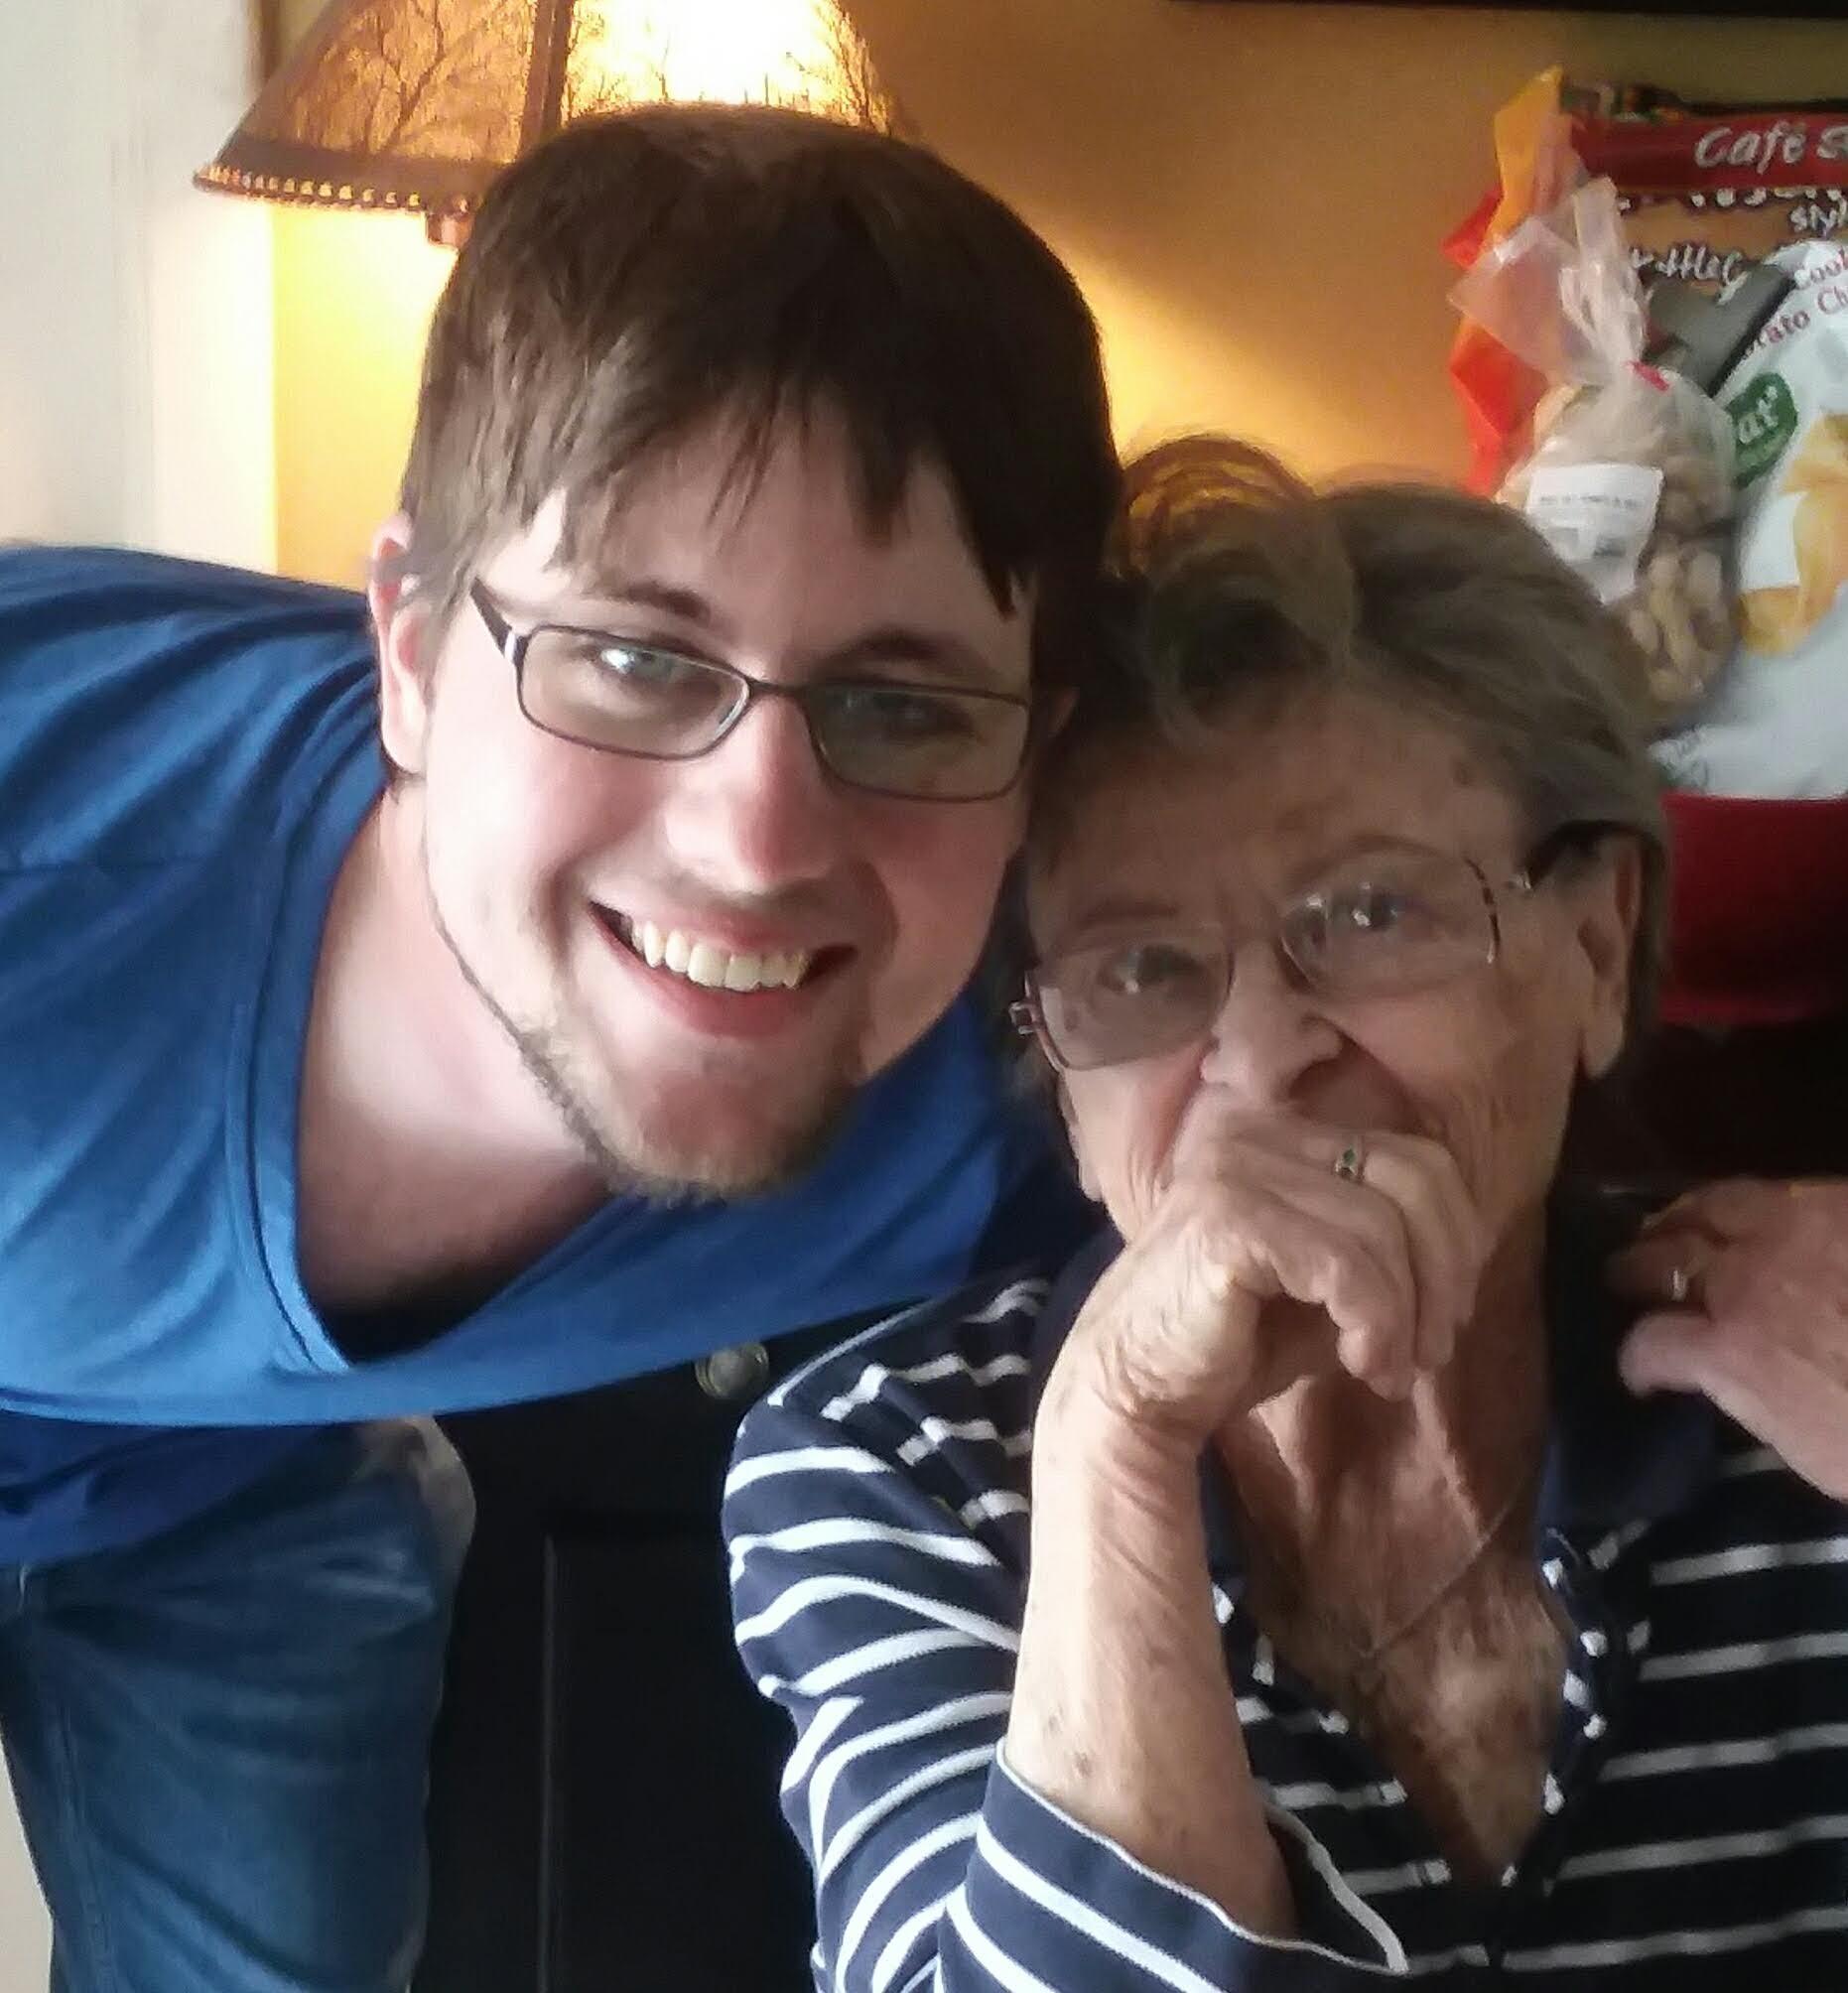 Austin and his grandma